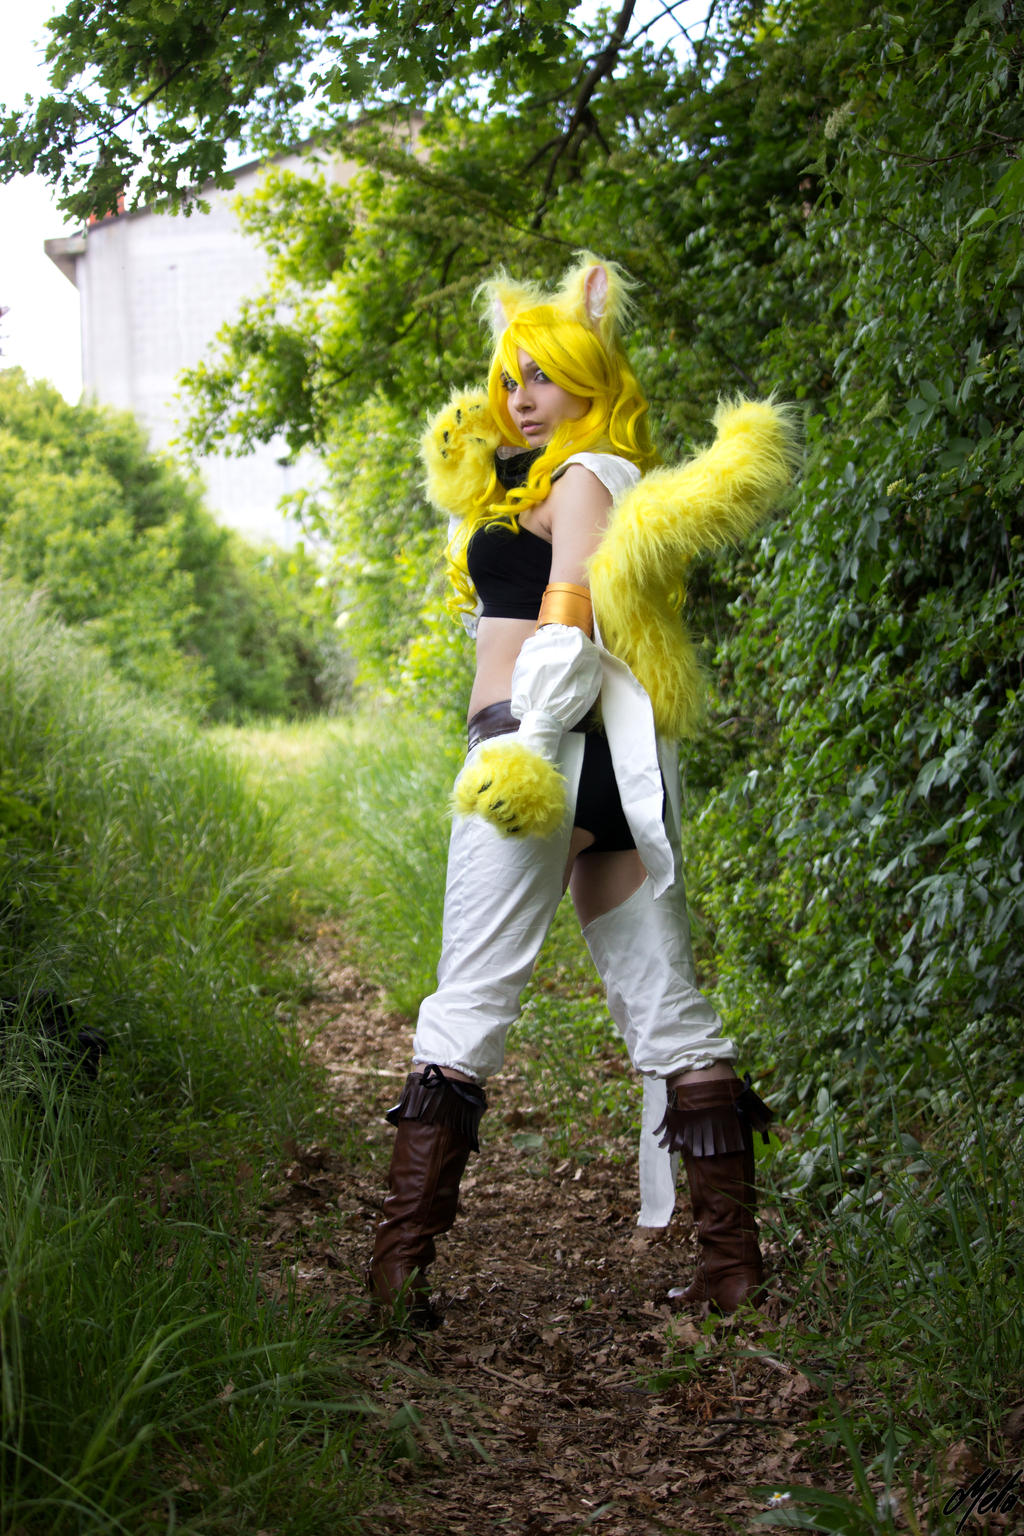 Akame ga kill leone cosplay